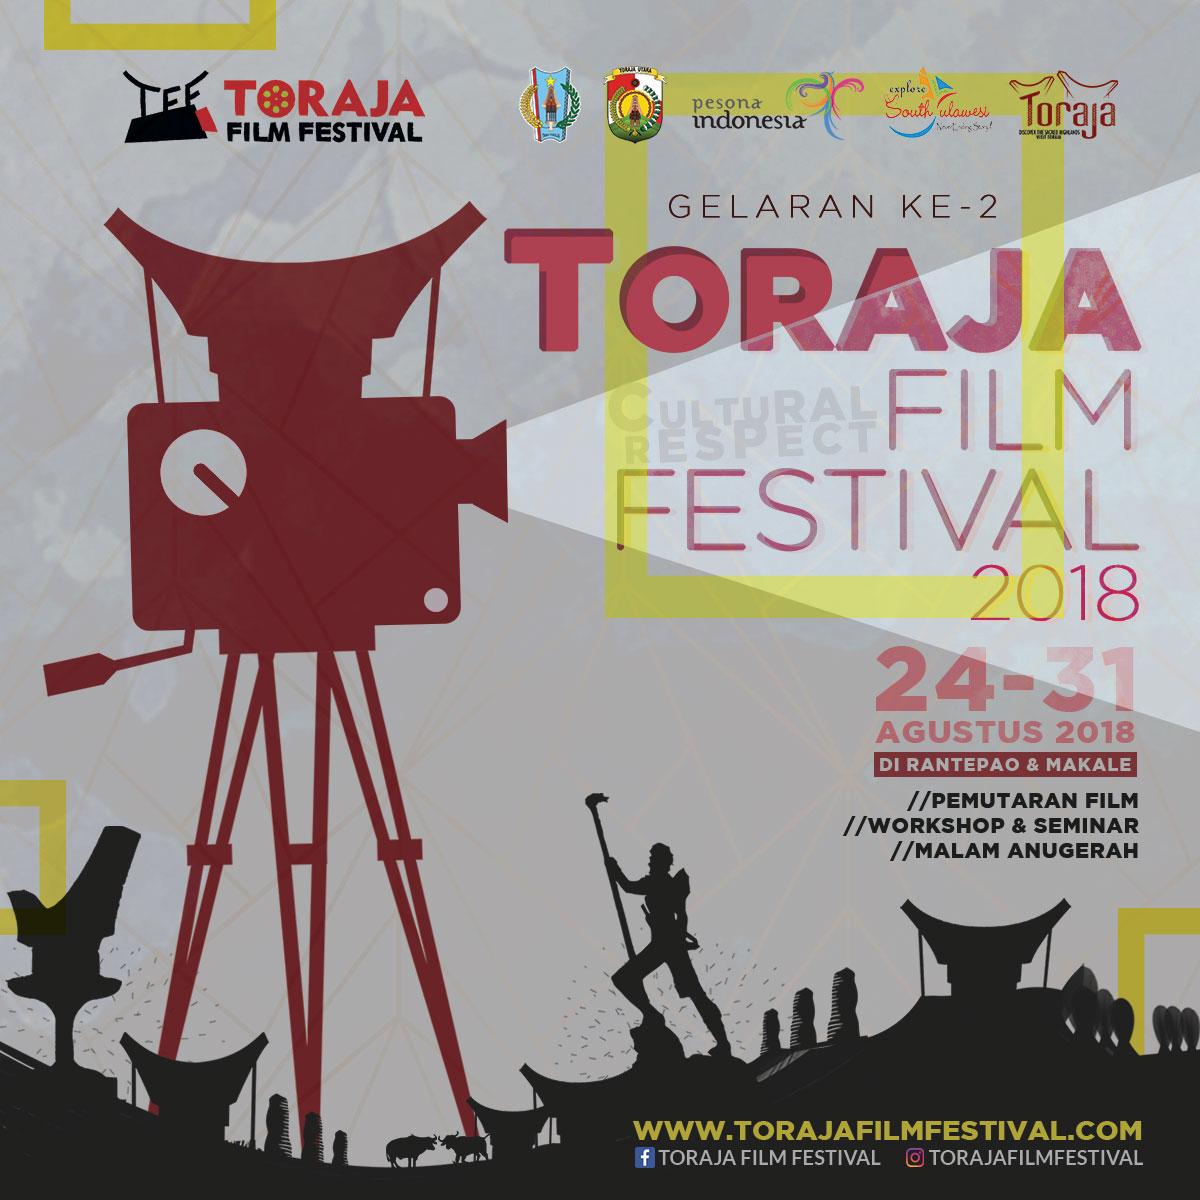 Toraja Film Festival